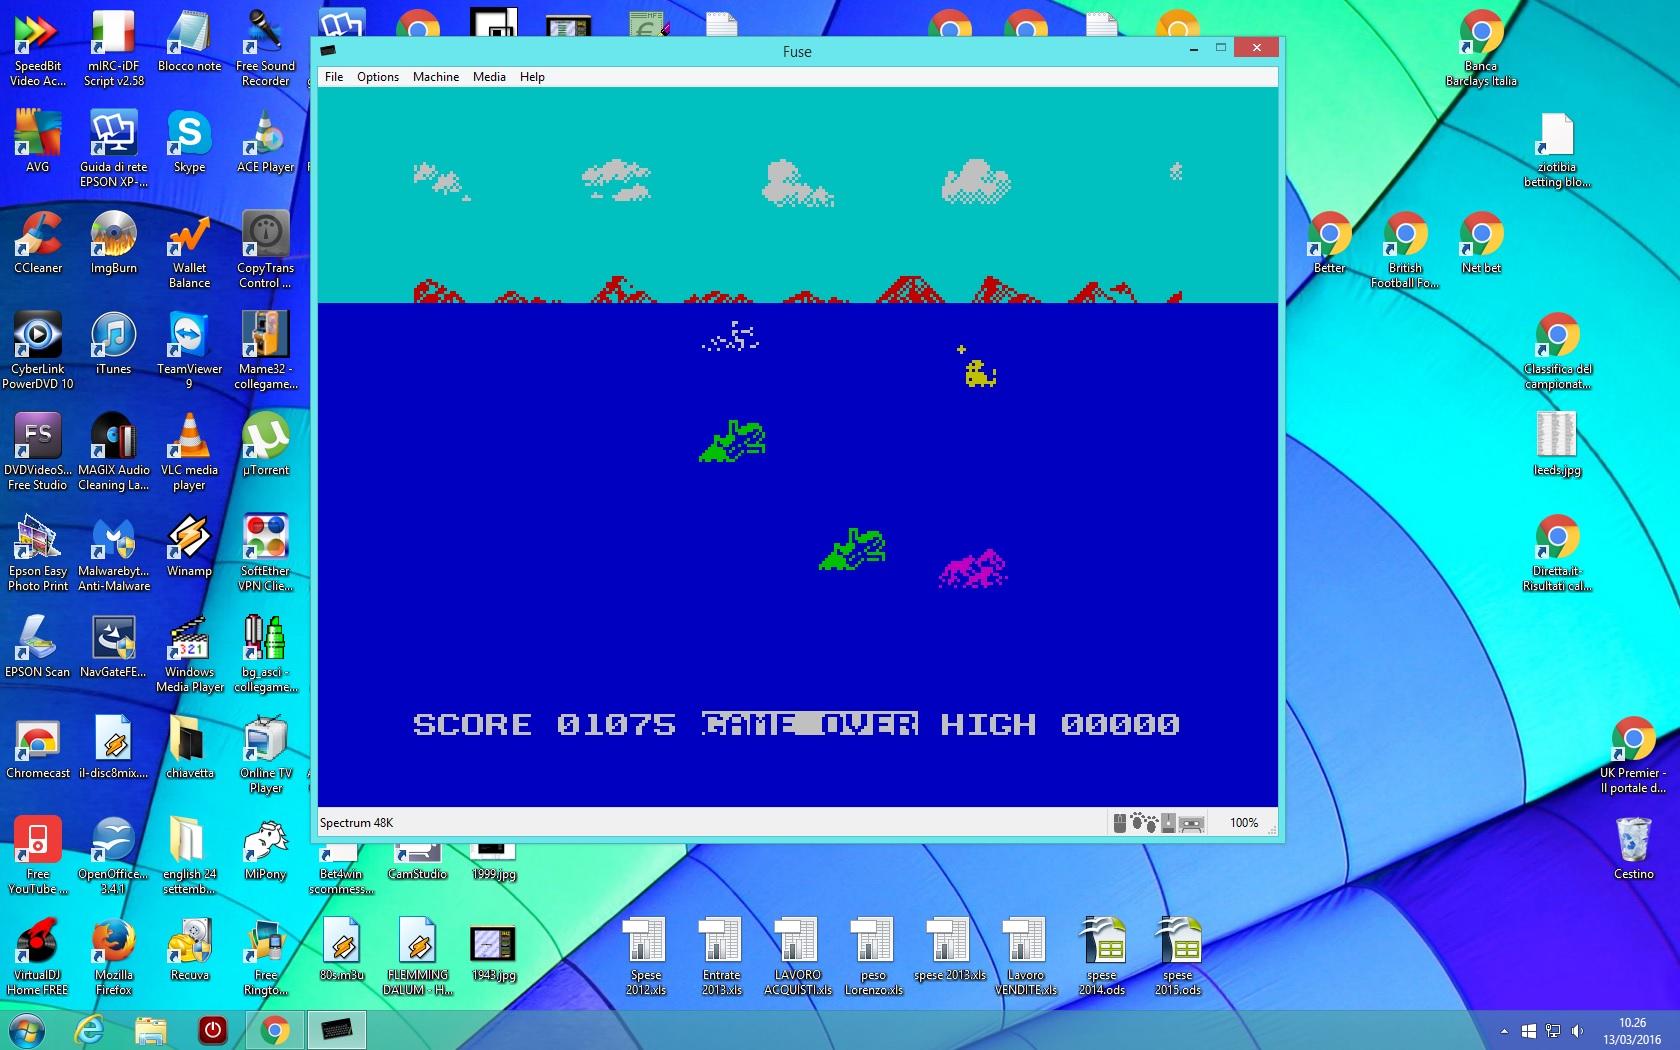 Aquaplane 1,075 points